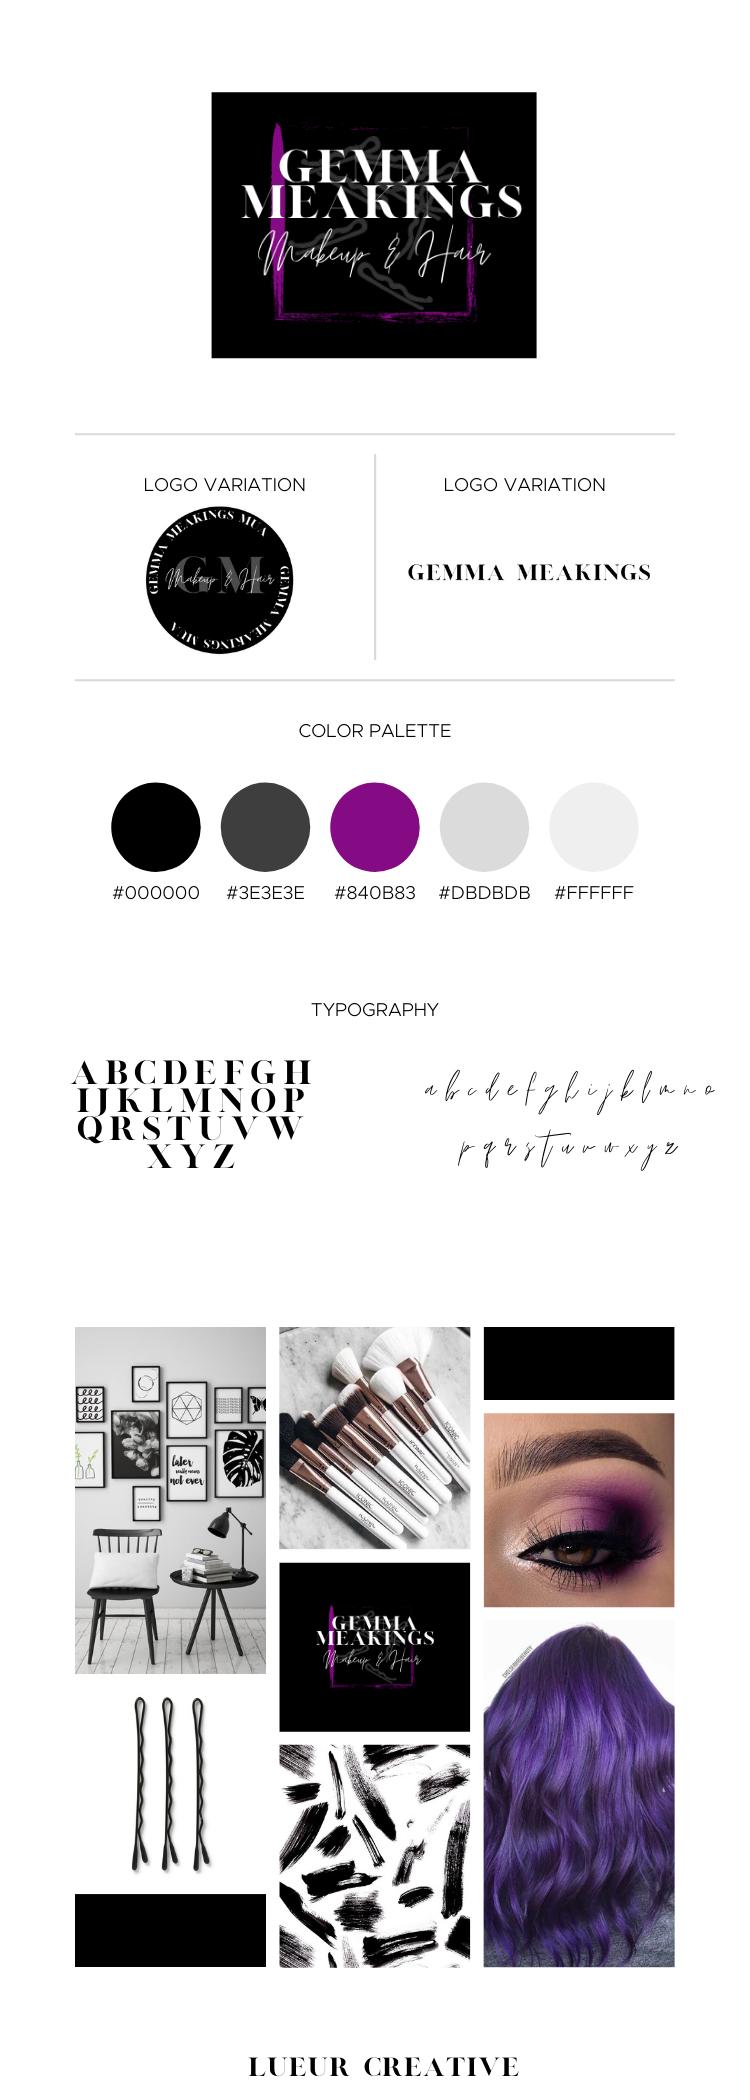 Makeup Artist Branding